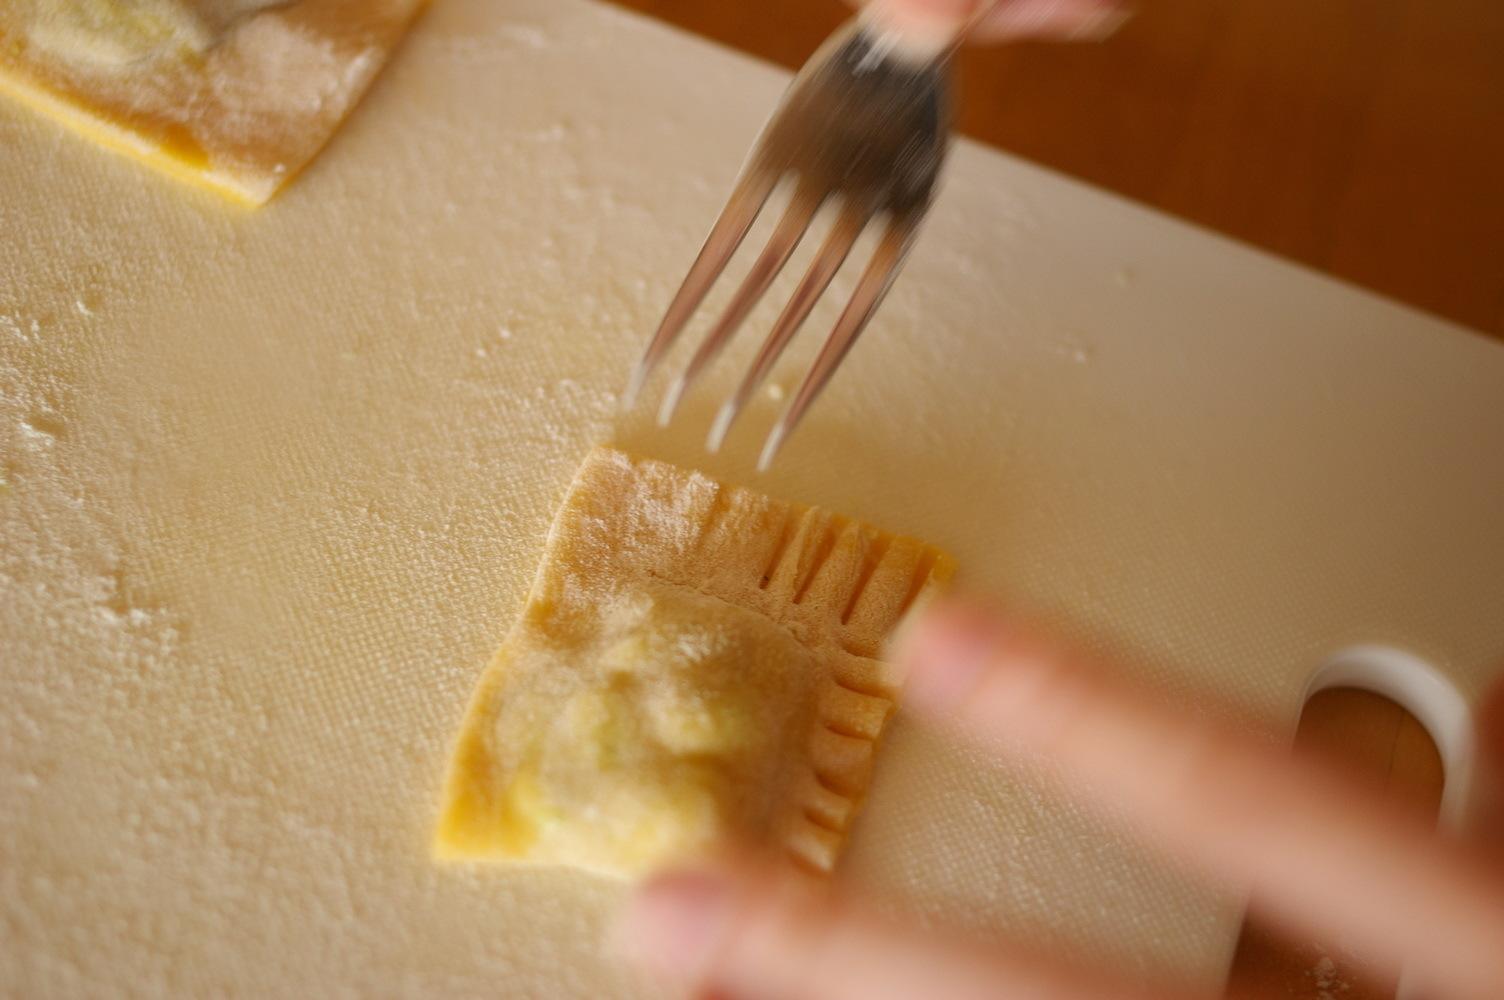 ほうれん草とチーズのラビオリを作ってみる_d0327373_19590529.jpg